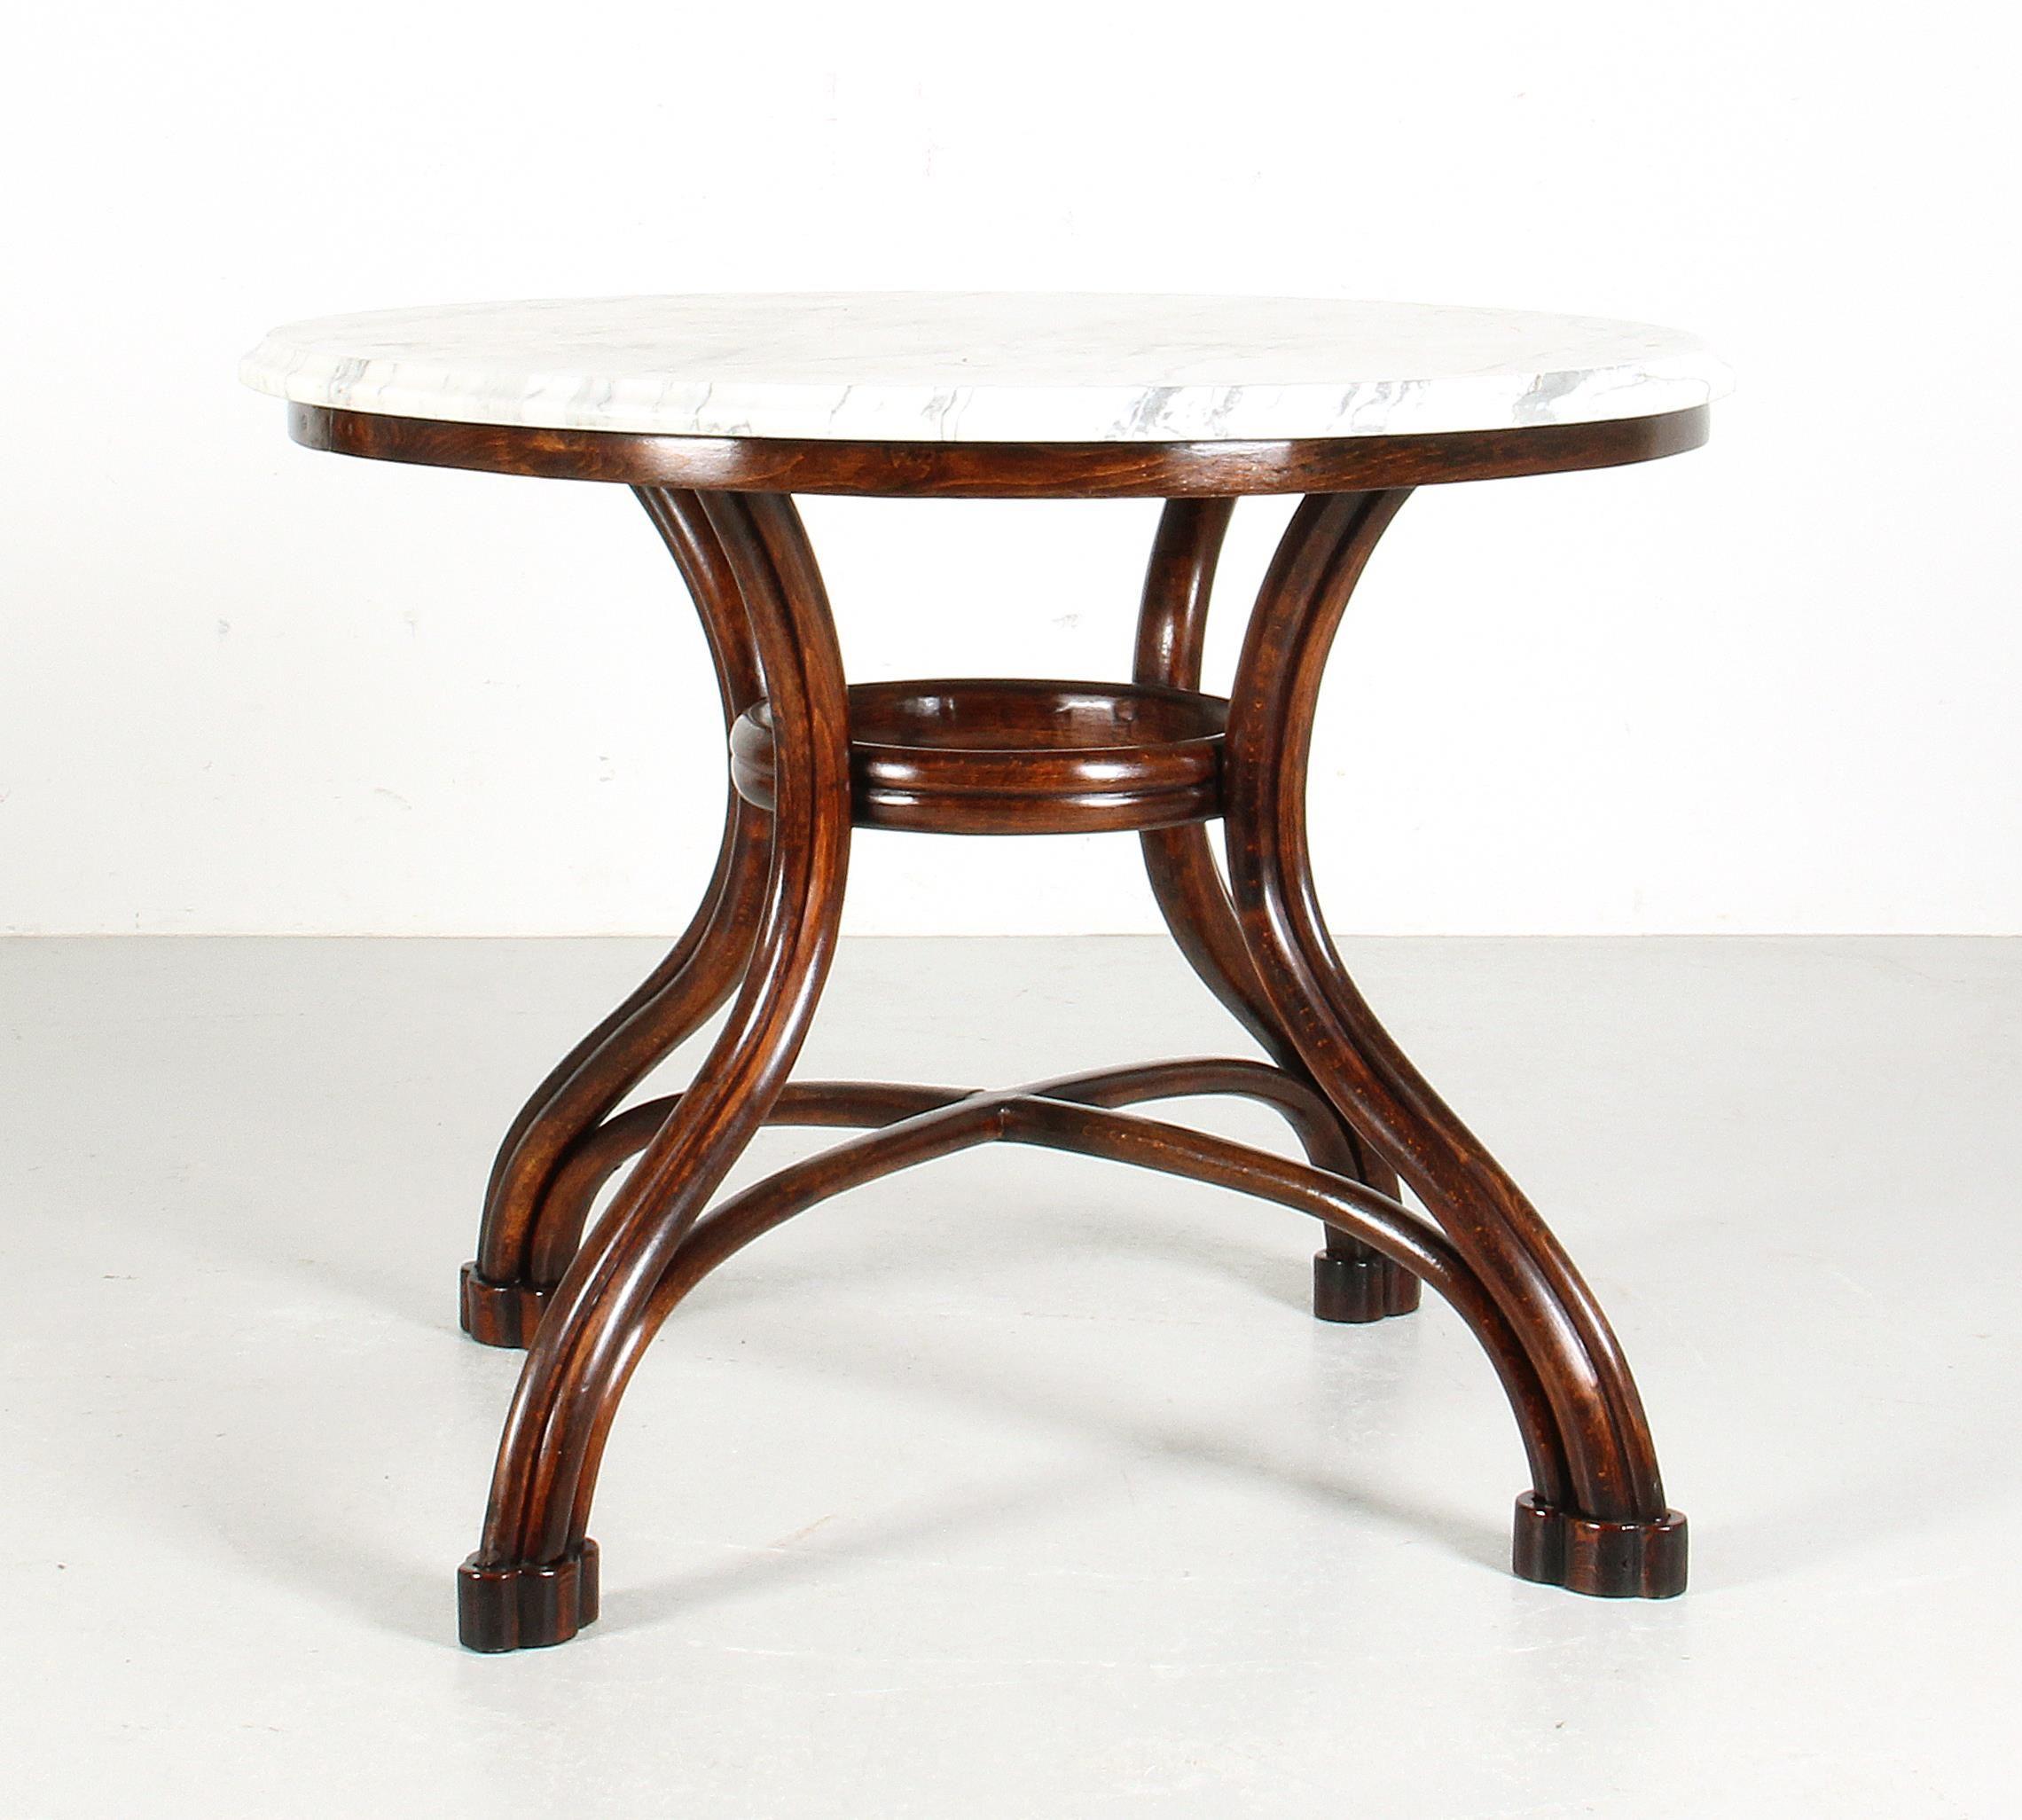 Thonet Tisch Nr 14 Mit Weiße Marmorplatte Erneuert H 78 Cm Dm